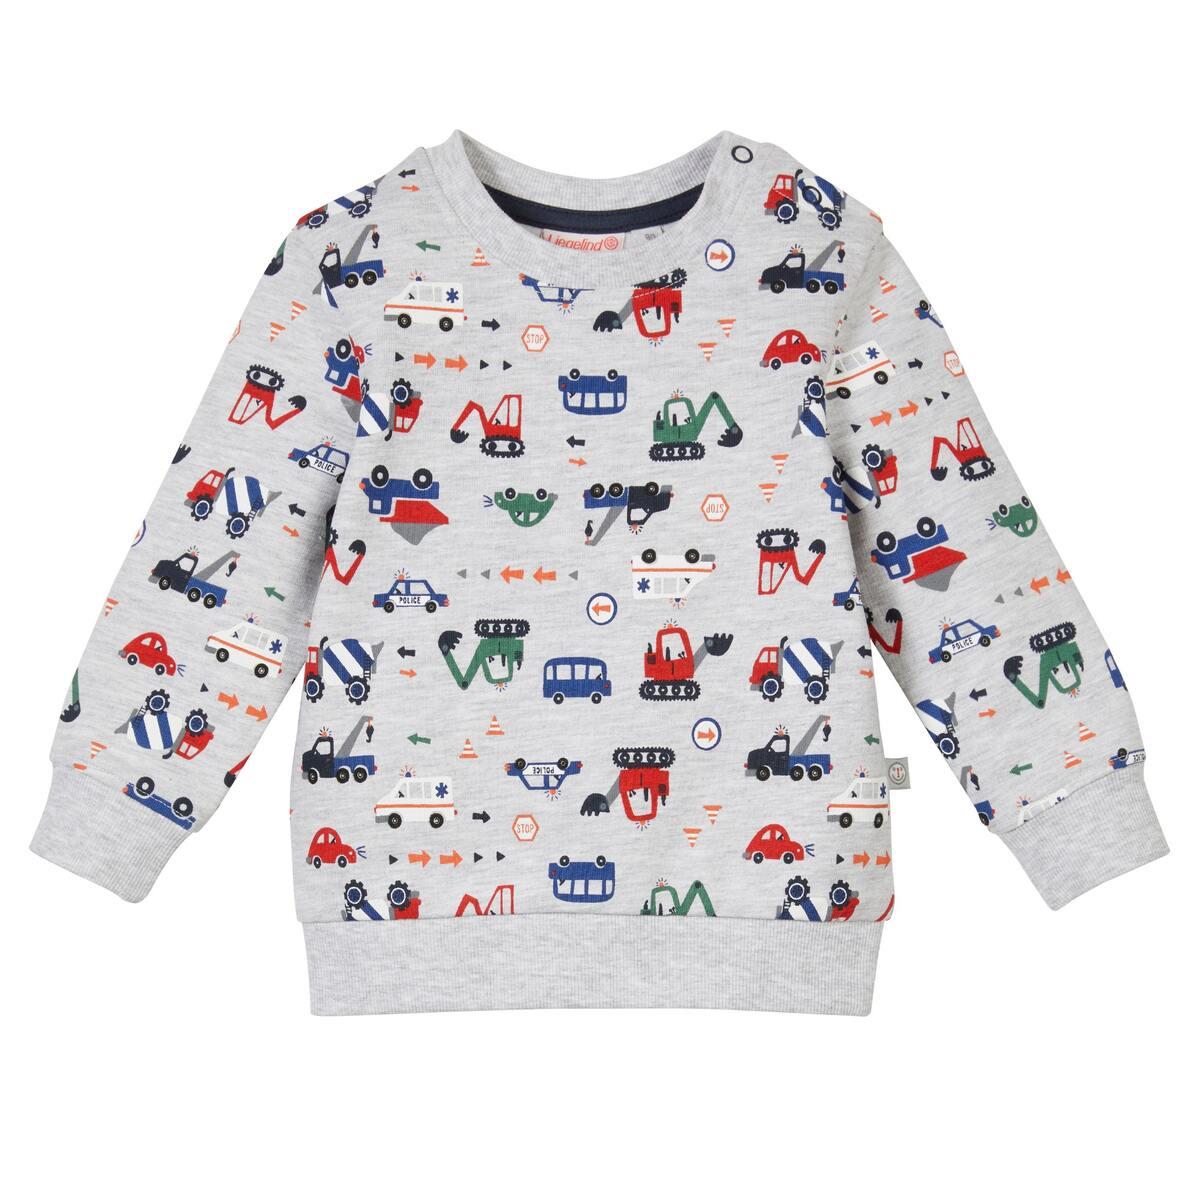 Bild 2 von Baby-Jungen-Sweatshirt mit Fahrzeug-Design